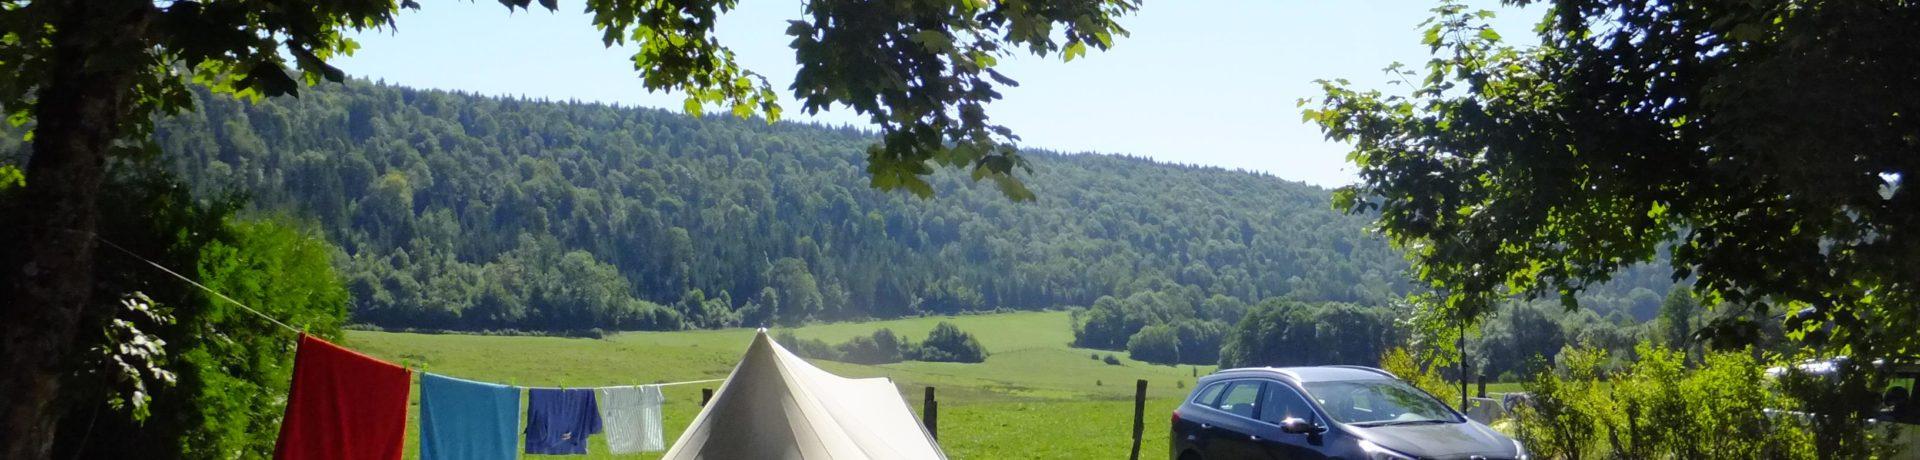 Fraaie natuurcamping in Bourgogne-Franche-Comté op het platteland van de Jura.